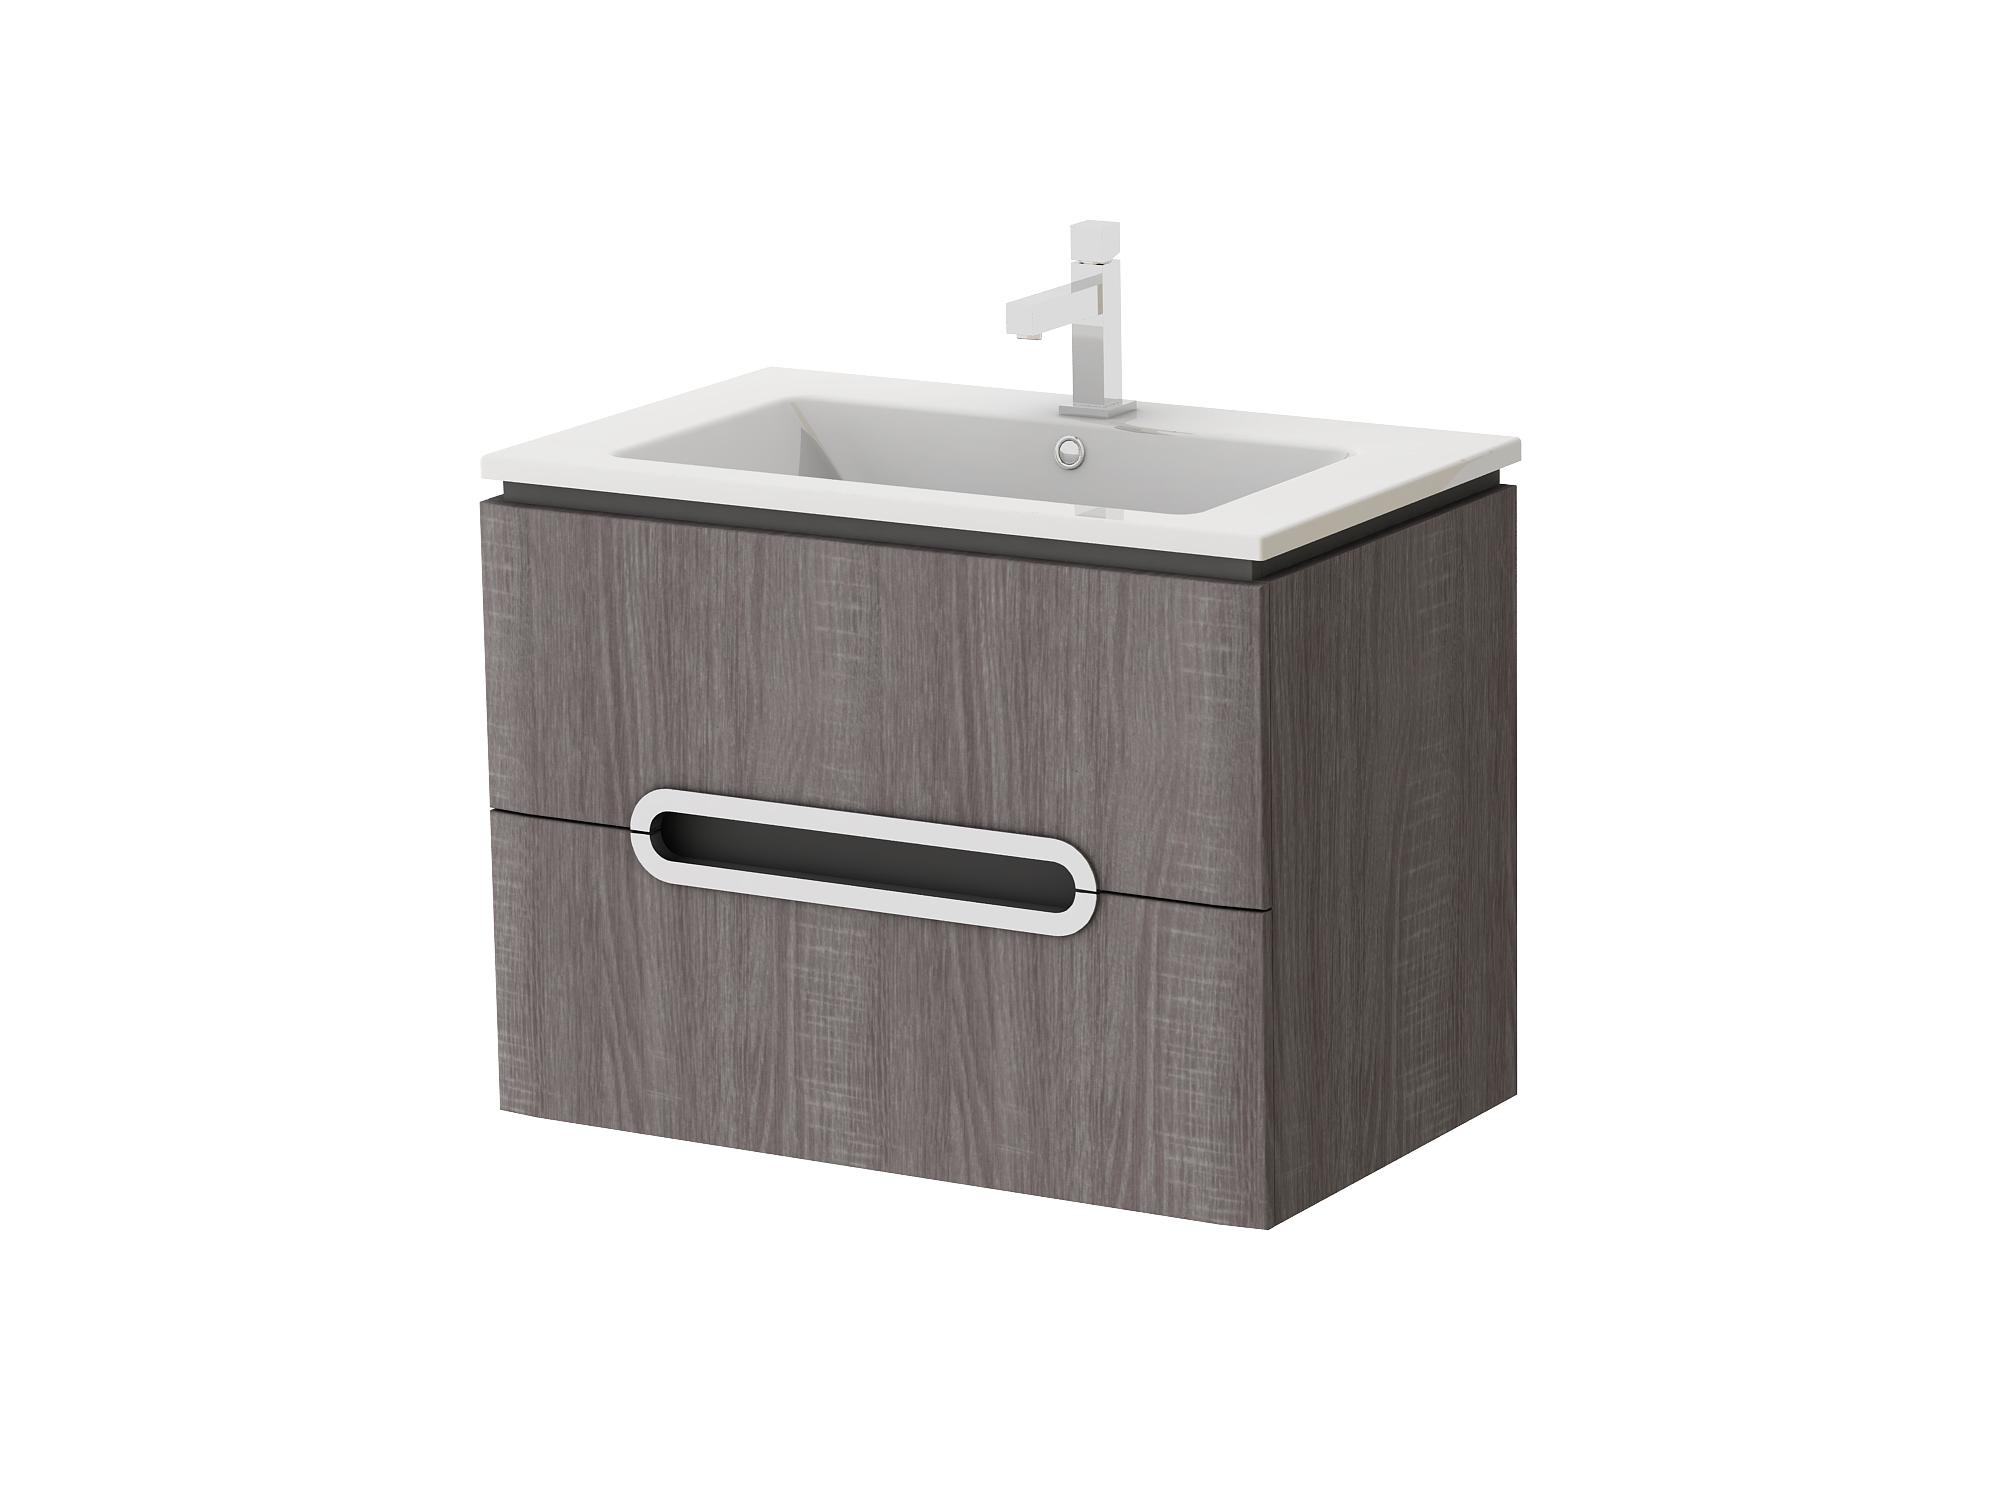 Kúpeľňová skrinka na stenu s umývadlom - Juventa - Prato - Pr-75 TR. Sme autorizovaný predajca Juventa. Vlastná spoľahlivá doprava až k Vám domov.